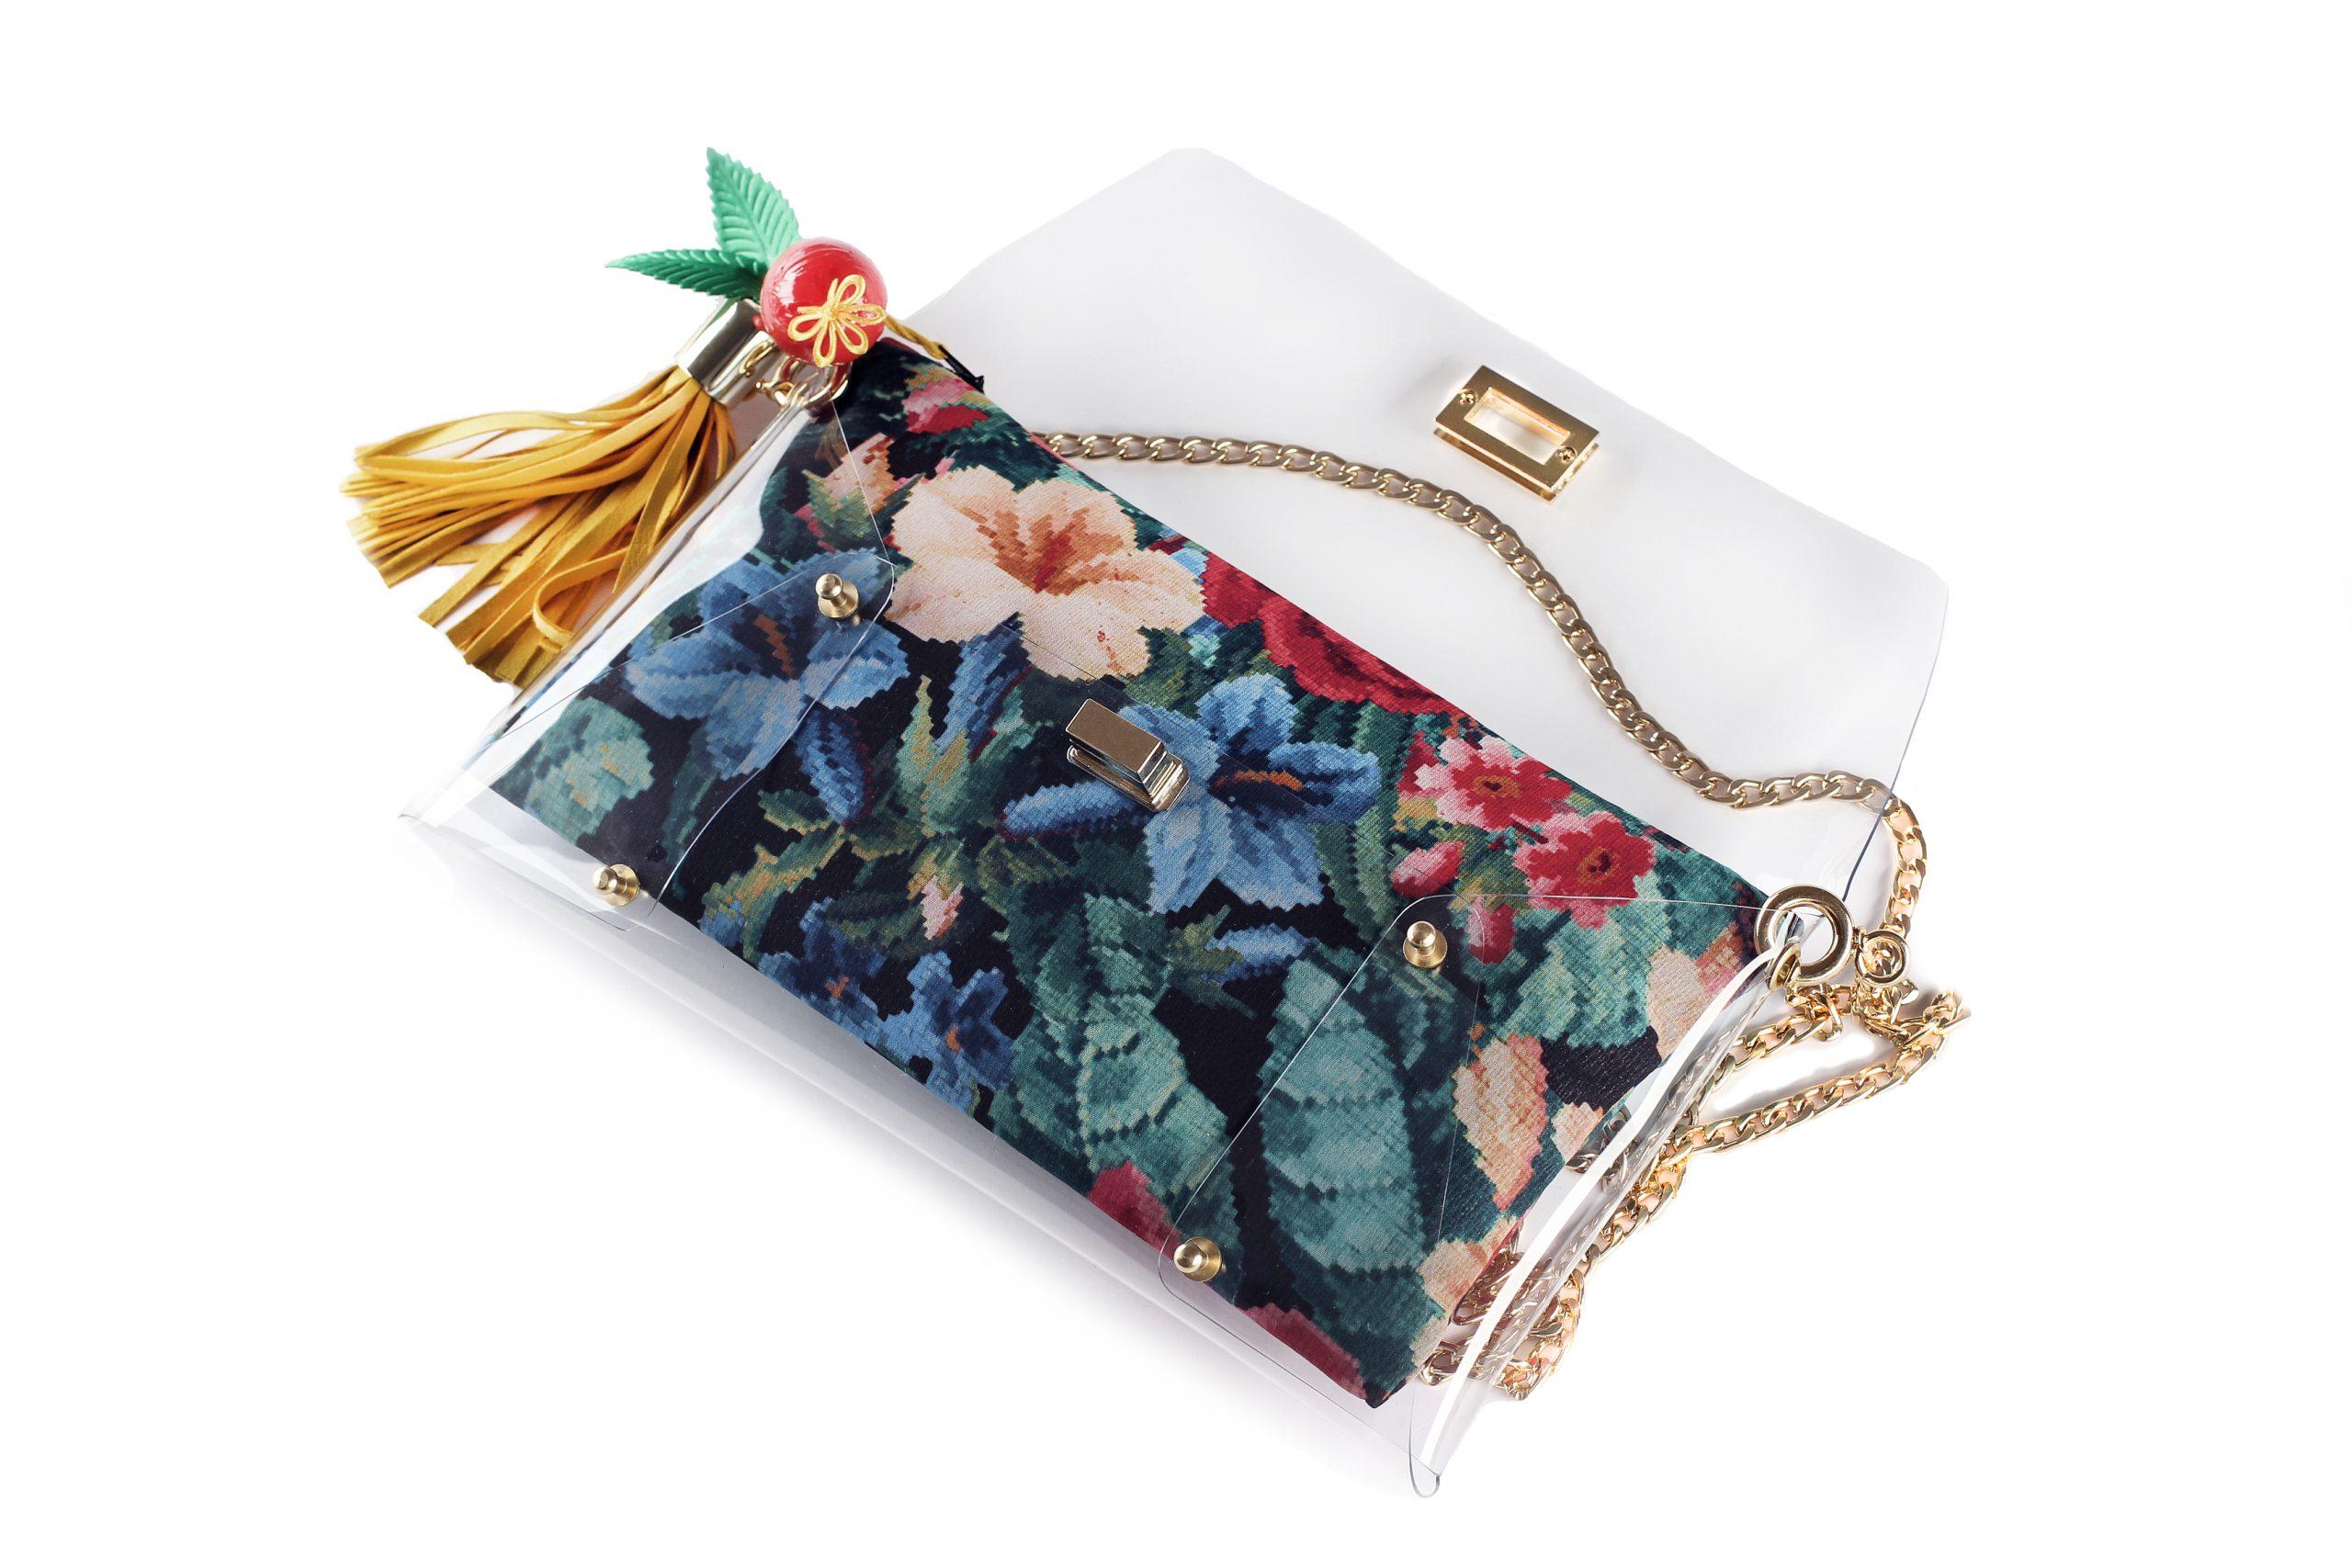 Handbags - Night Blooming Flowers - Summer Clutch Bags 2017